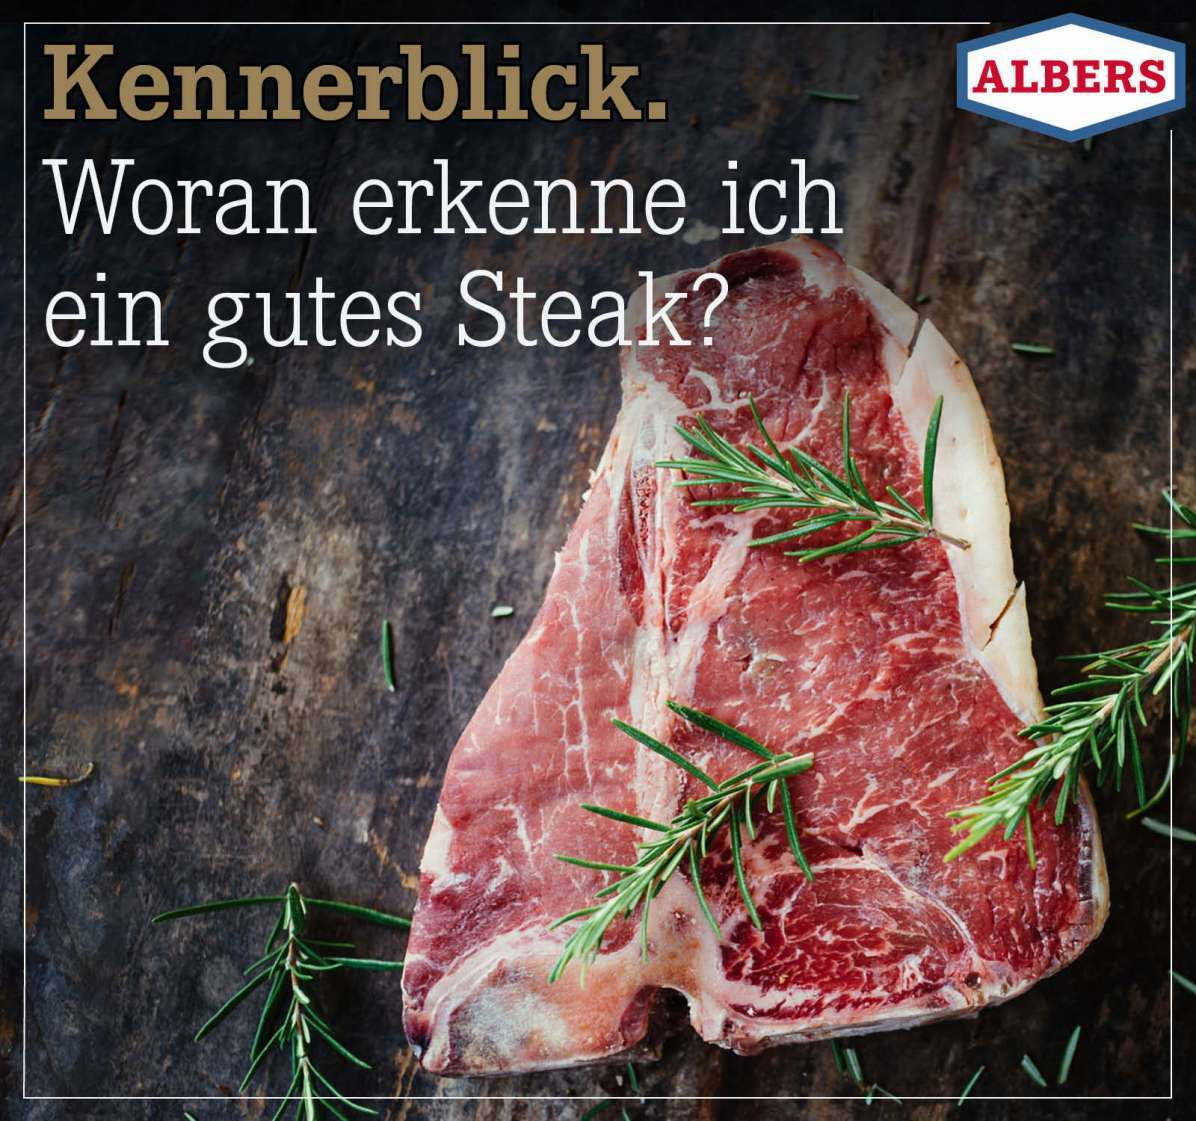 Kennerblick. Woran erkenne ich ein gutes Steak?